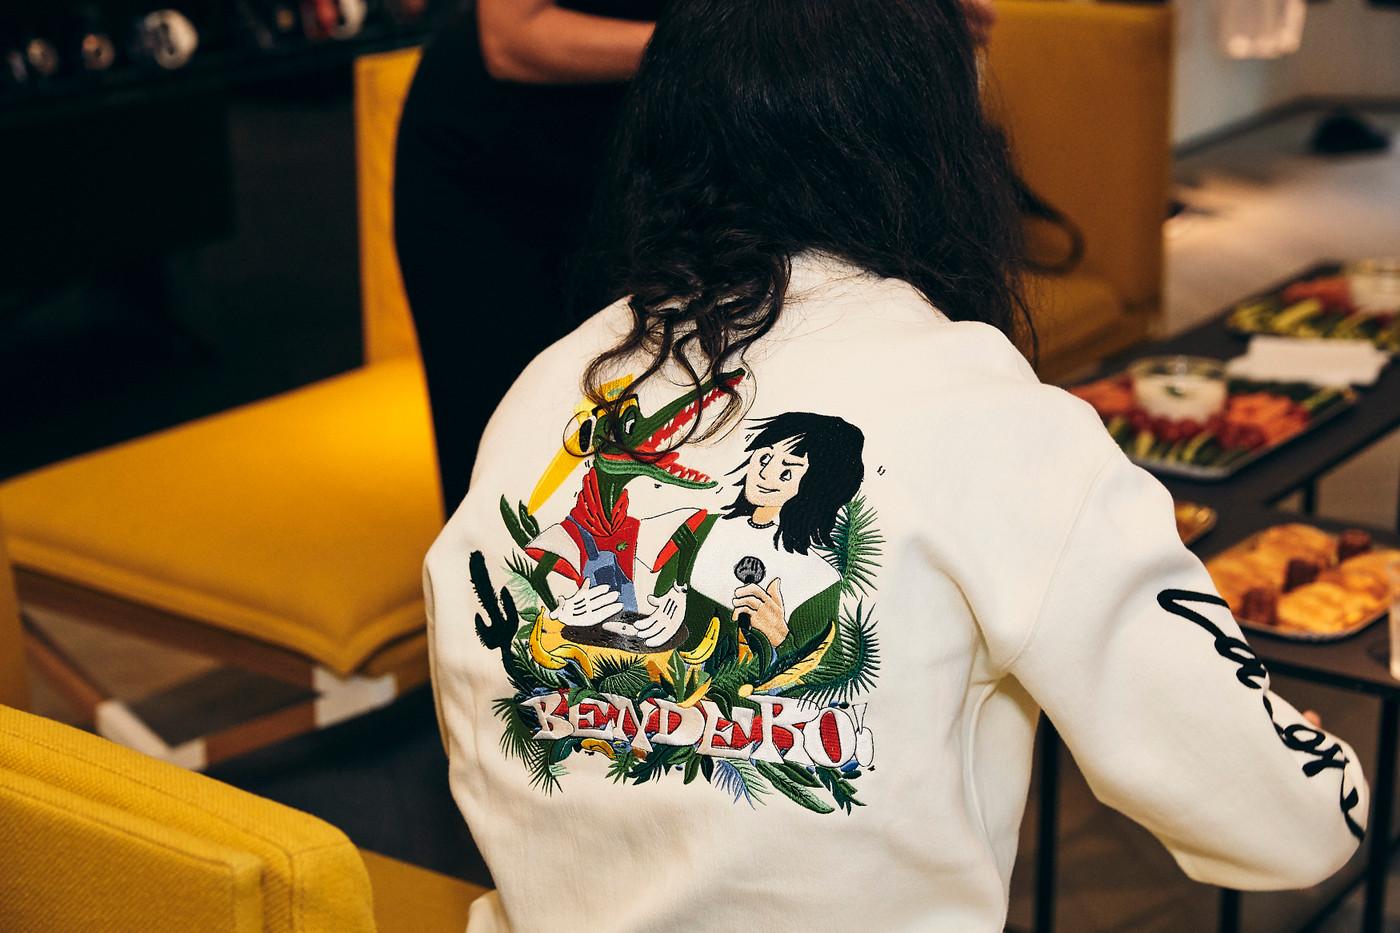 rap francais mode luxe maison marque moha la squale lacoste 3 - Rap français & marques de luxe : une histoire d'amour-haine passionnelle